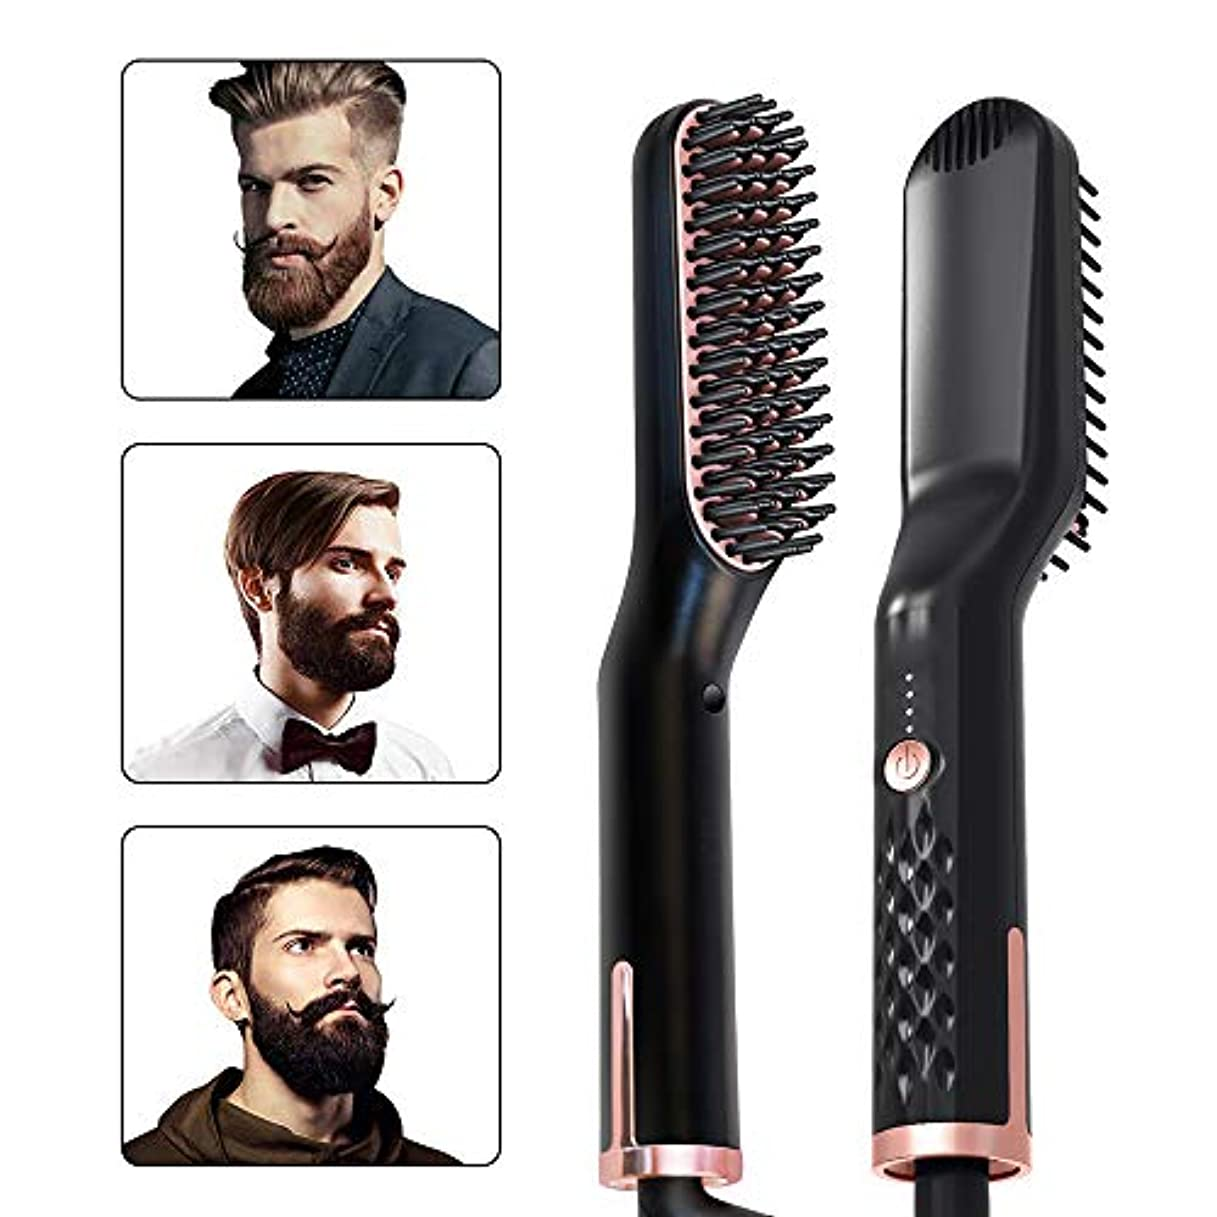 方法実用的マネージャーひげのくし豚毛ブラシひげの油口ひげクリームひげの水メンズスタイルストレートの髪のくし